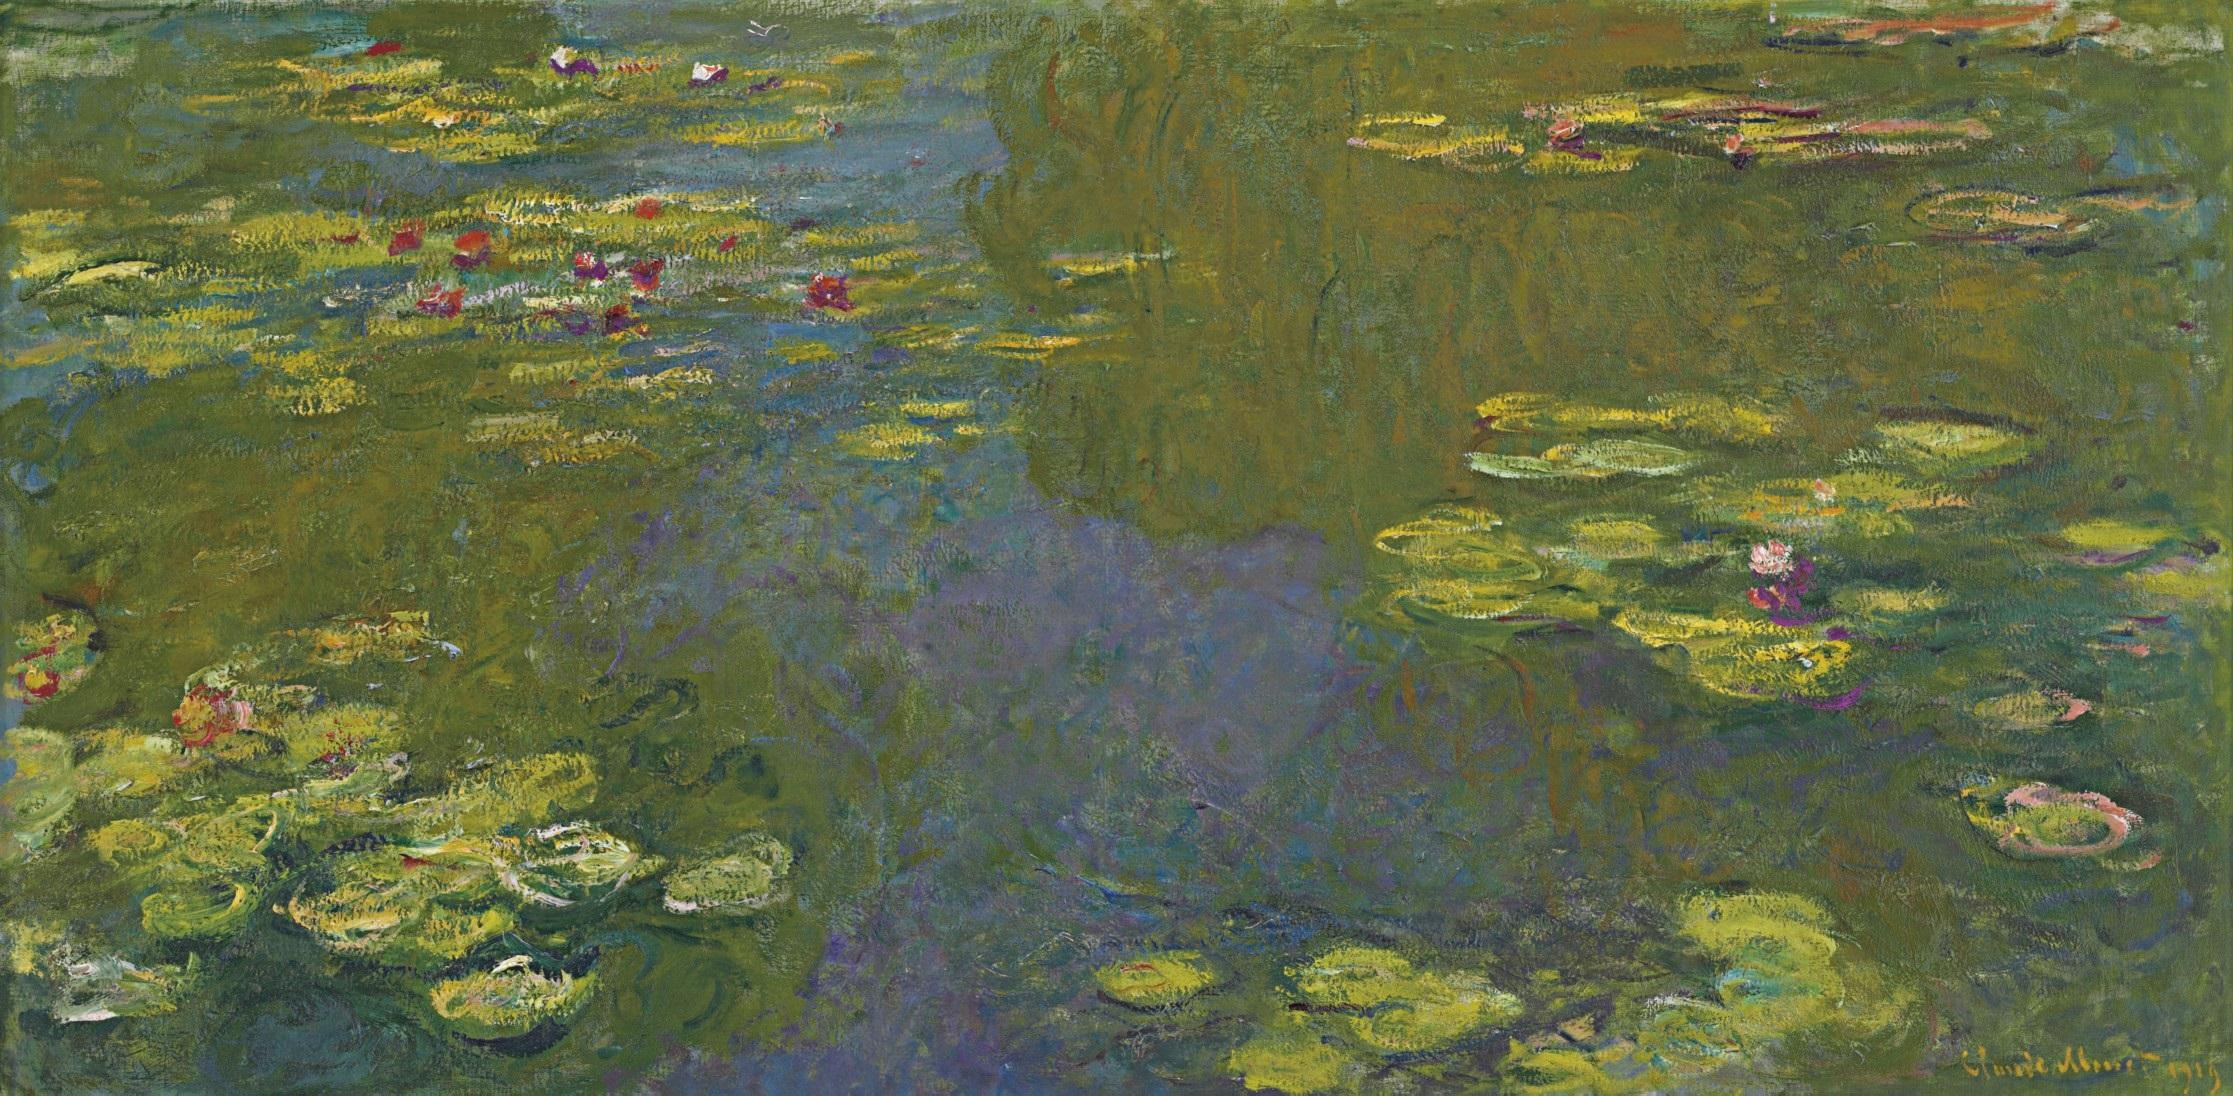 Ficheiro:Le bassin aux nymphéas - Claude Monet.jpg